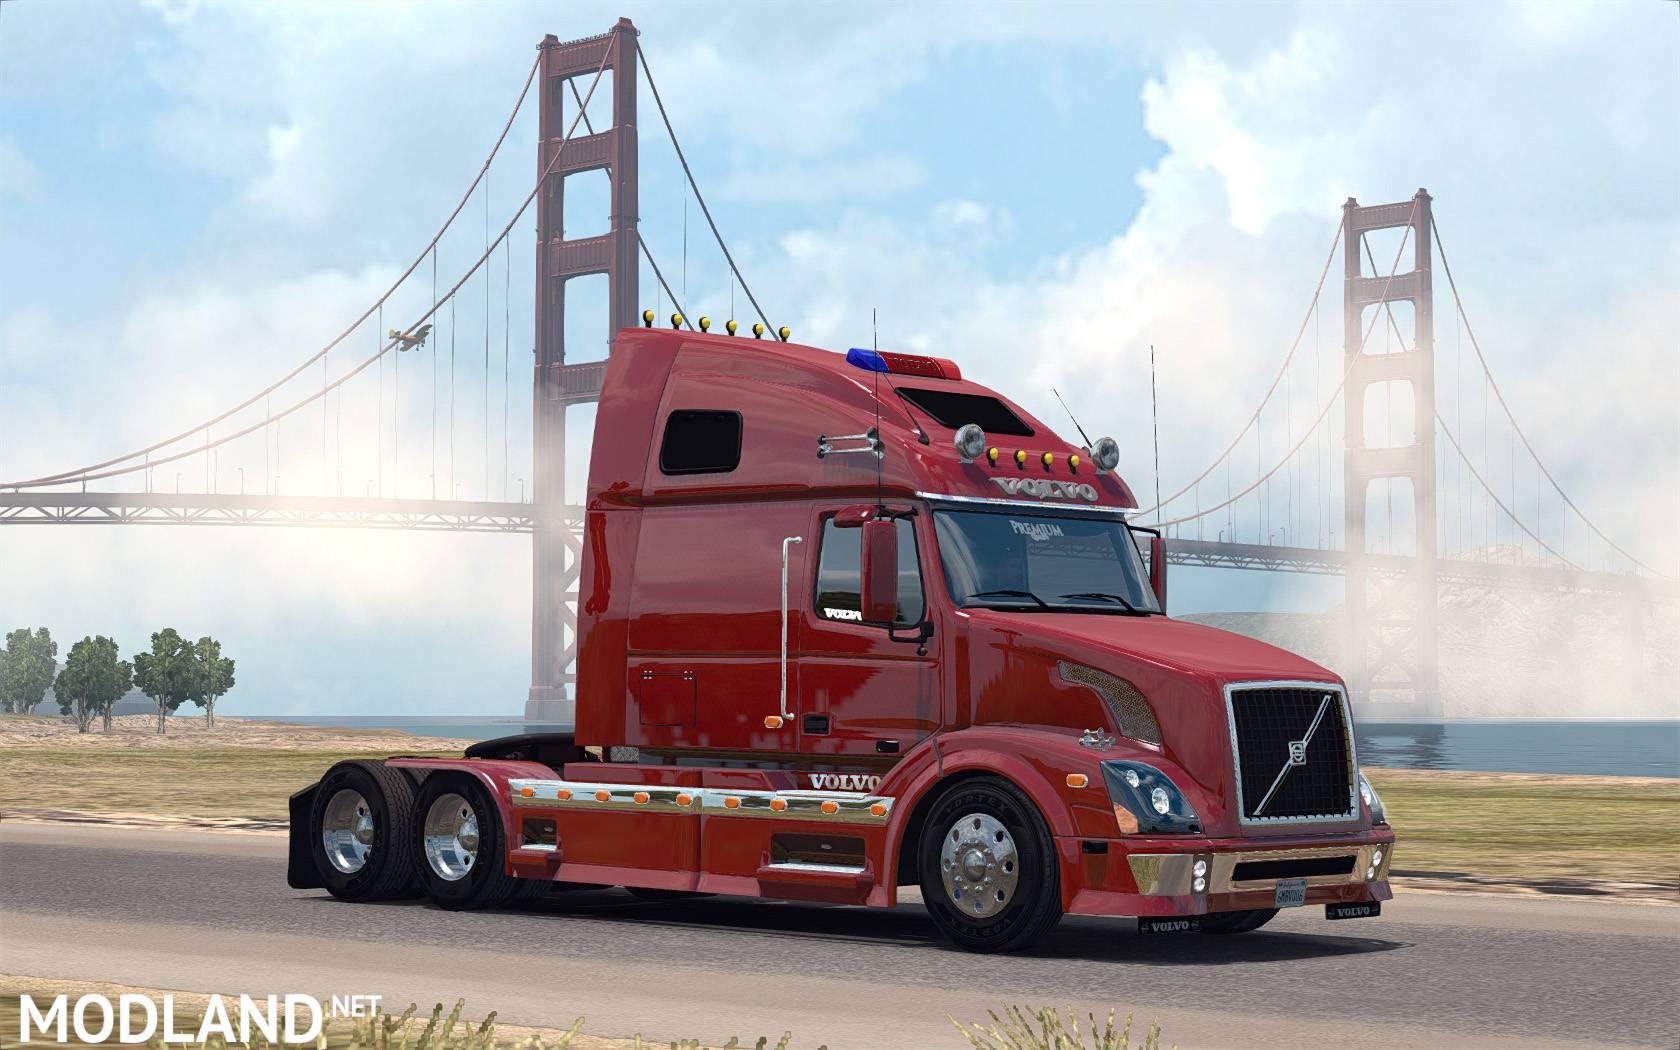 Volvo vnl 670 for ats v1 2 by aradeth mod for american truck simulator ats - Volvo vnl wallpaper ...